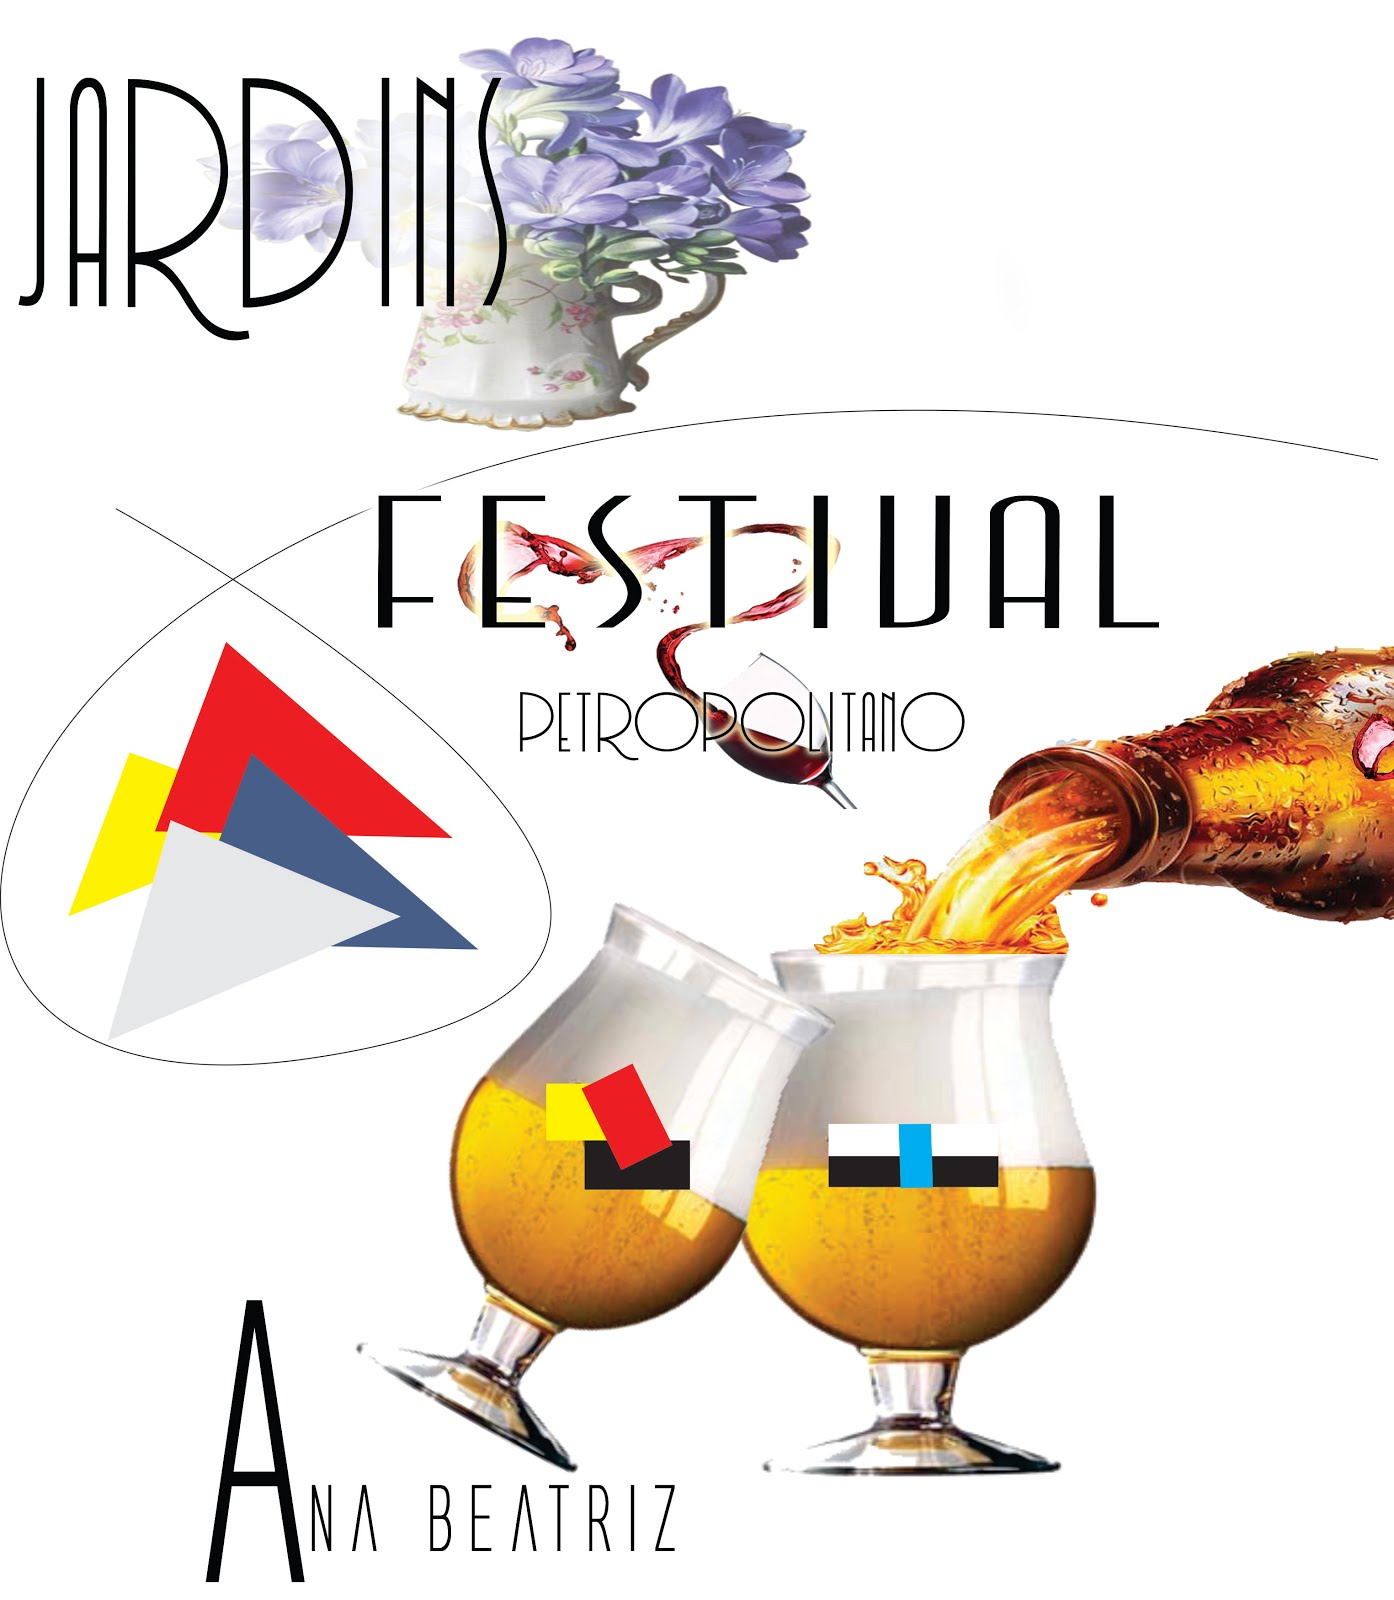 Propaganda Festival Petropolitano